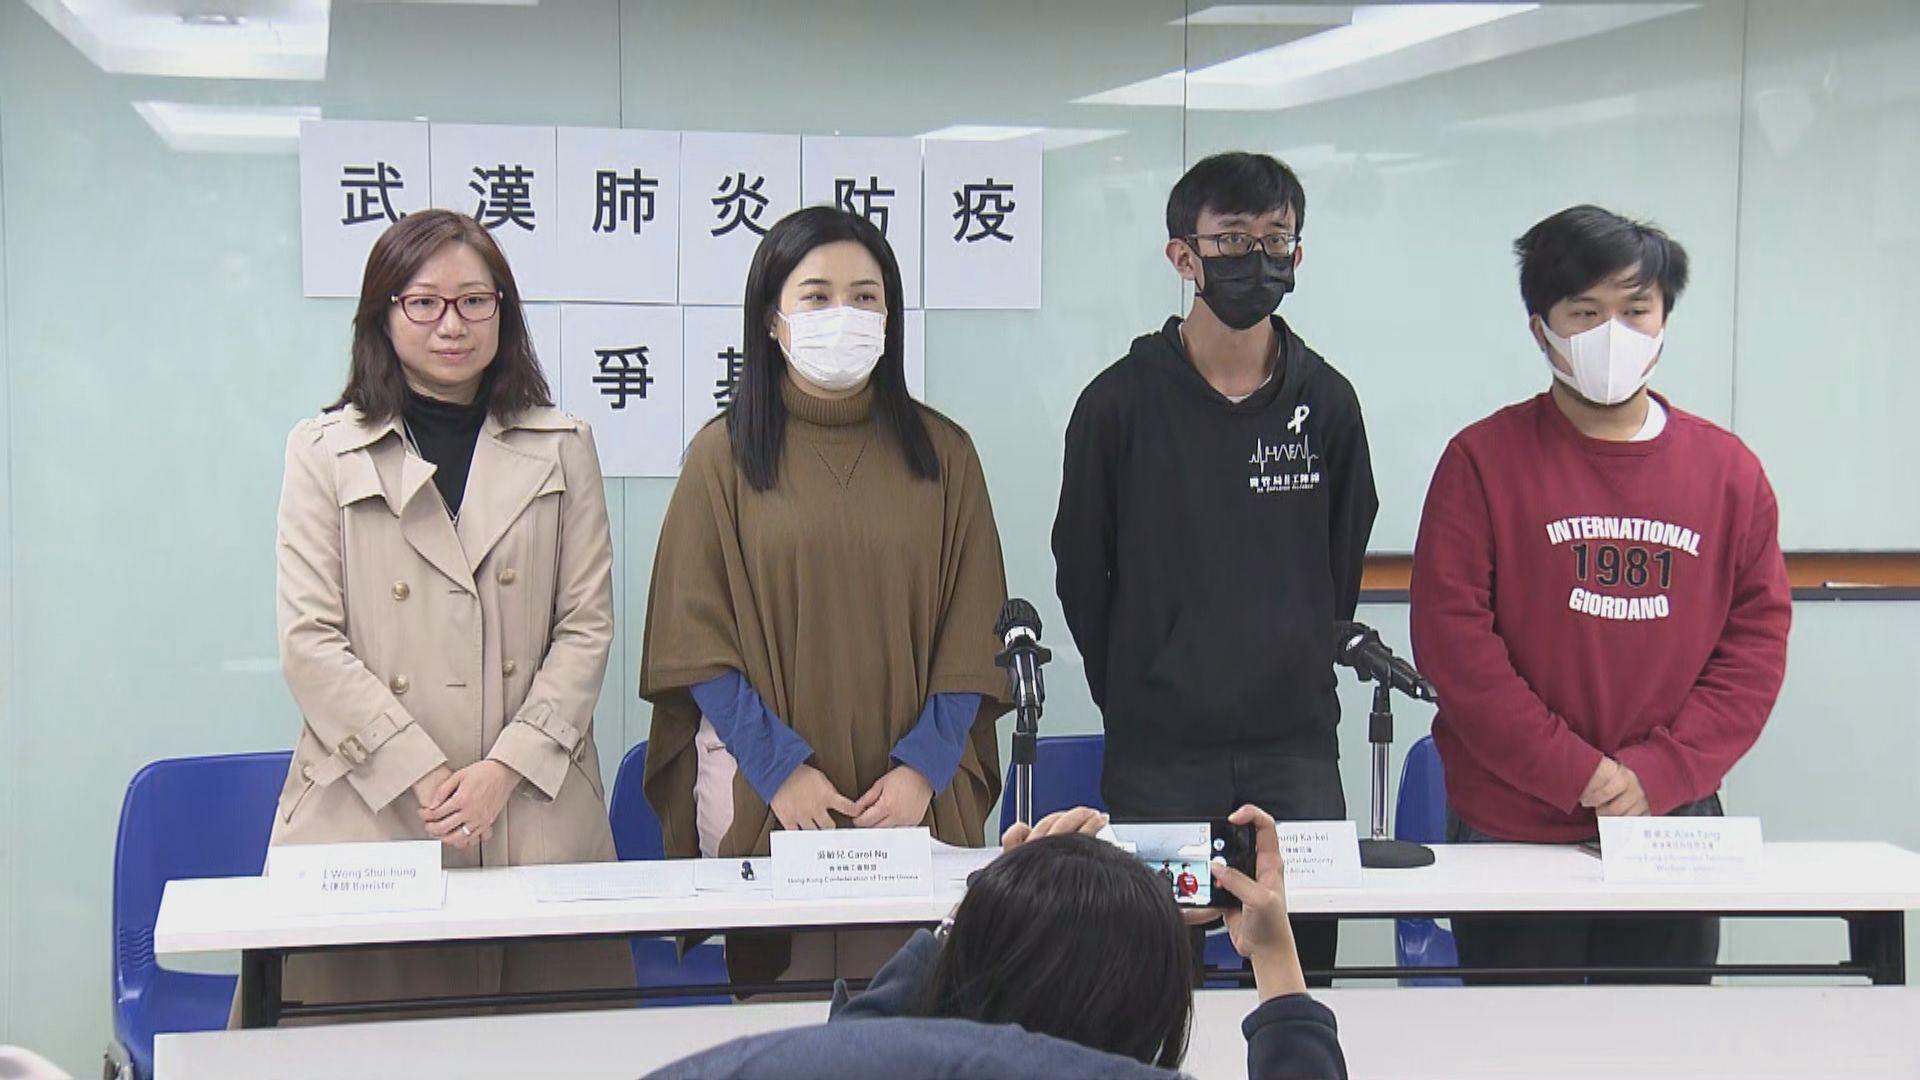 醫管局員工陣線成立基金支援不同界別罷工僱員